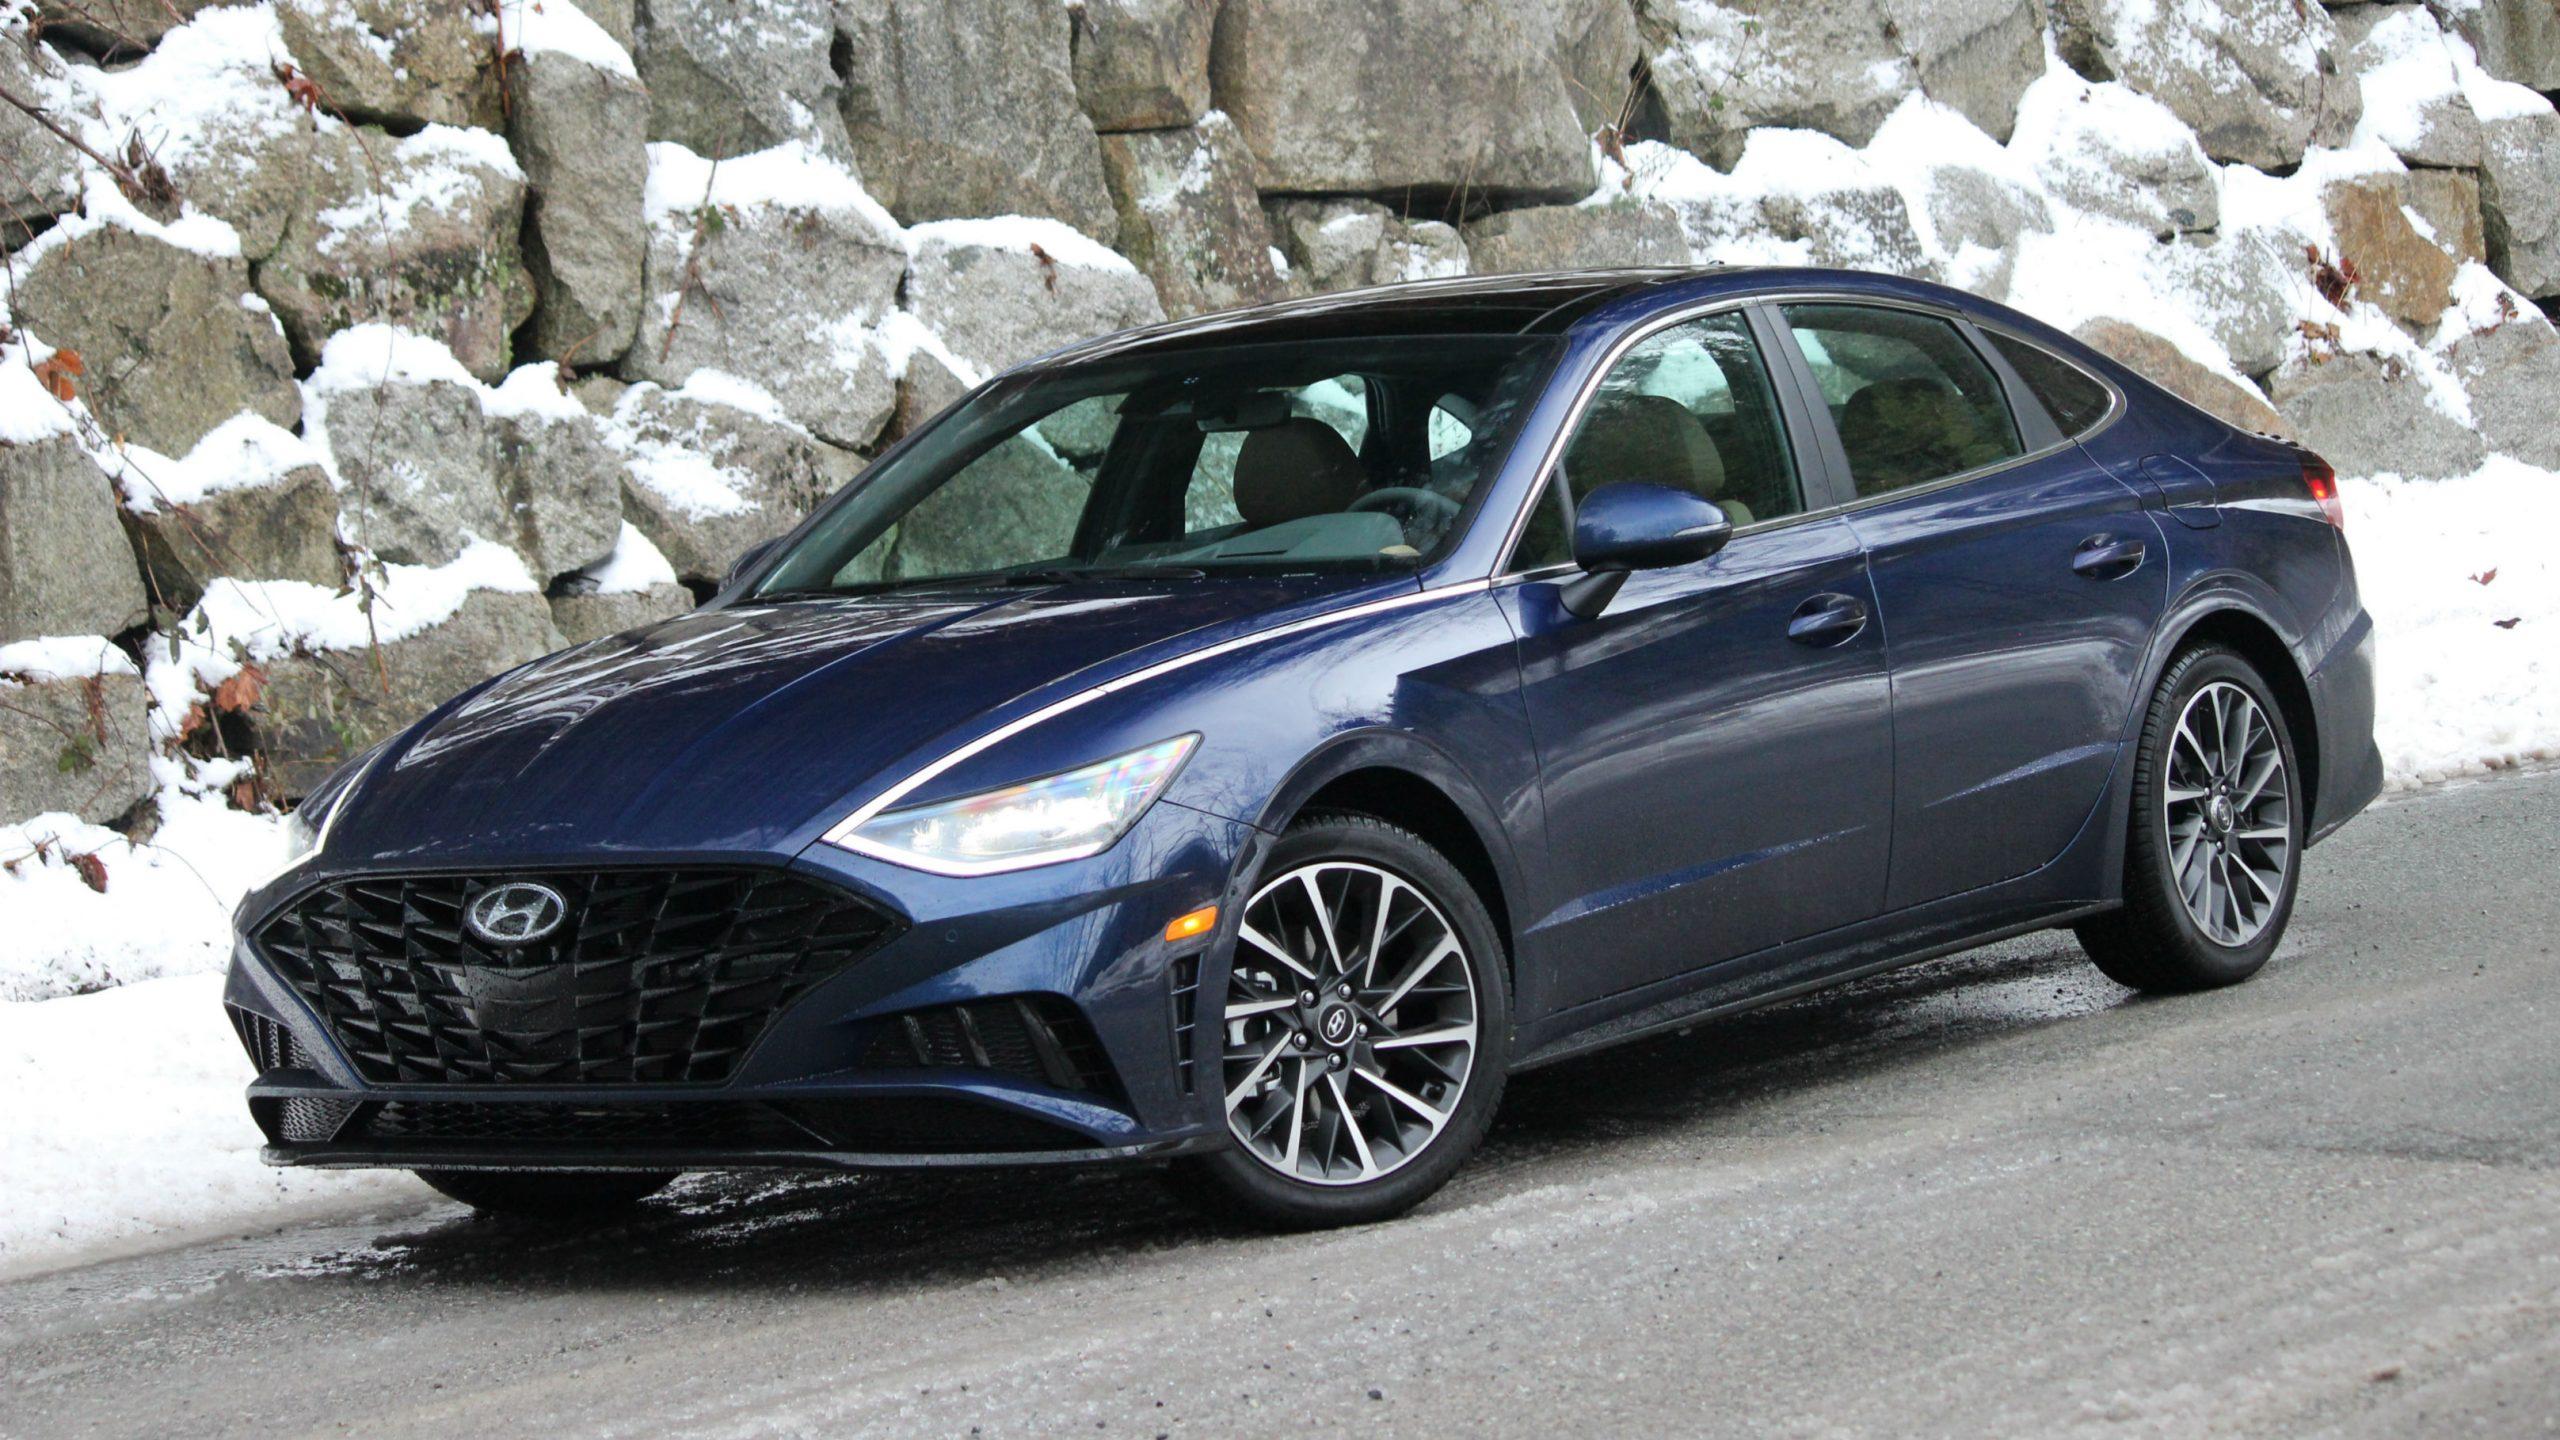 Review: 2020 Hyundai Sonata Ultimate